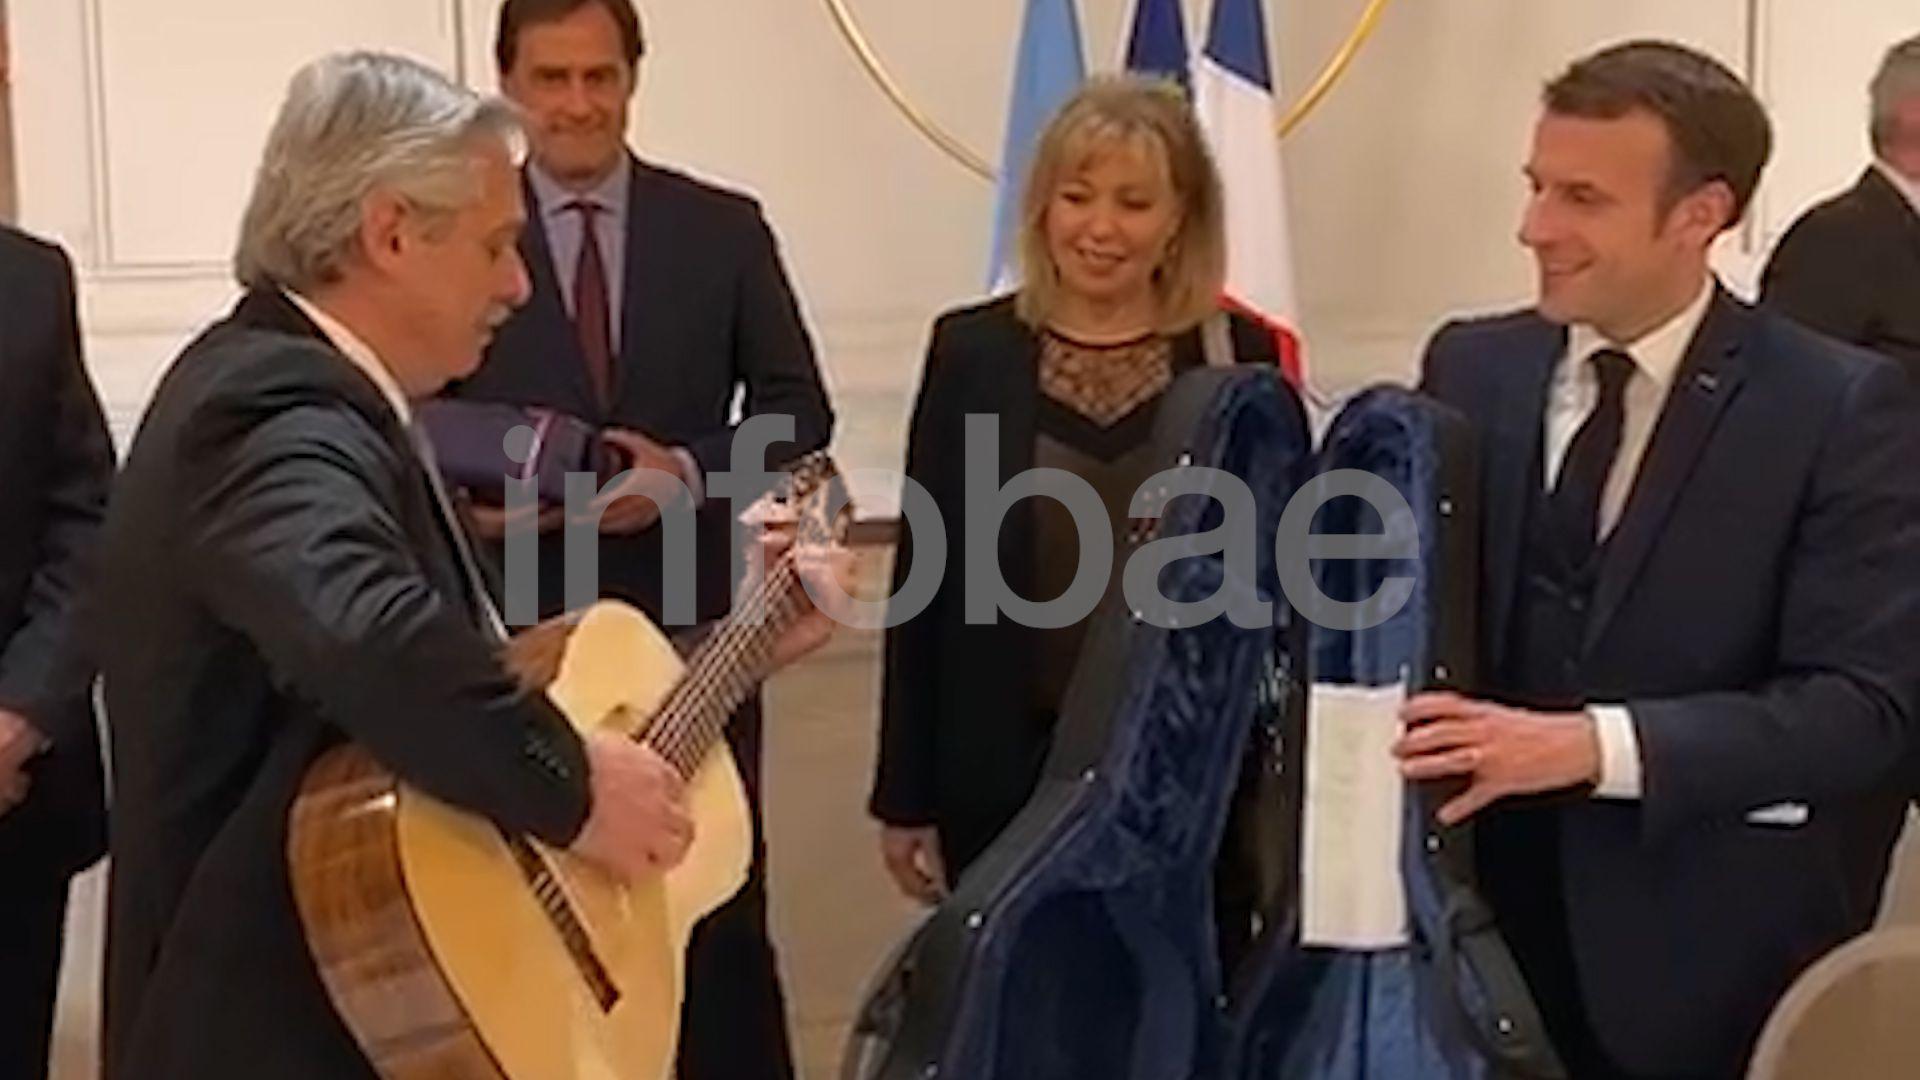 Alberto Fernández toca la guitarra que le regaló Macron durante el almuerzo que compartieron en París